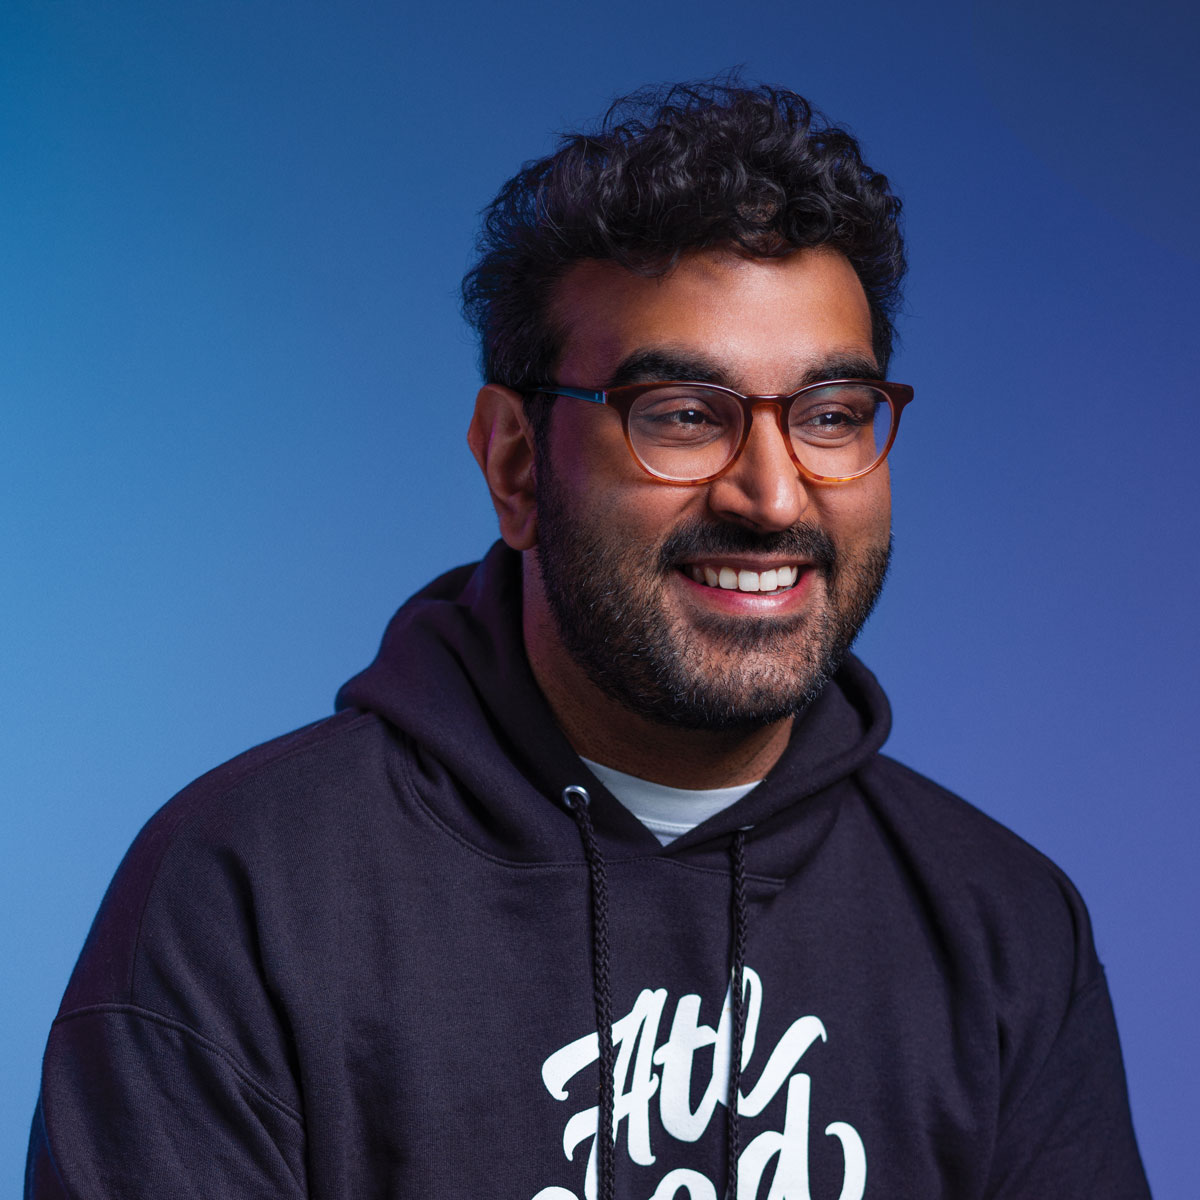 Rohit Malhotra